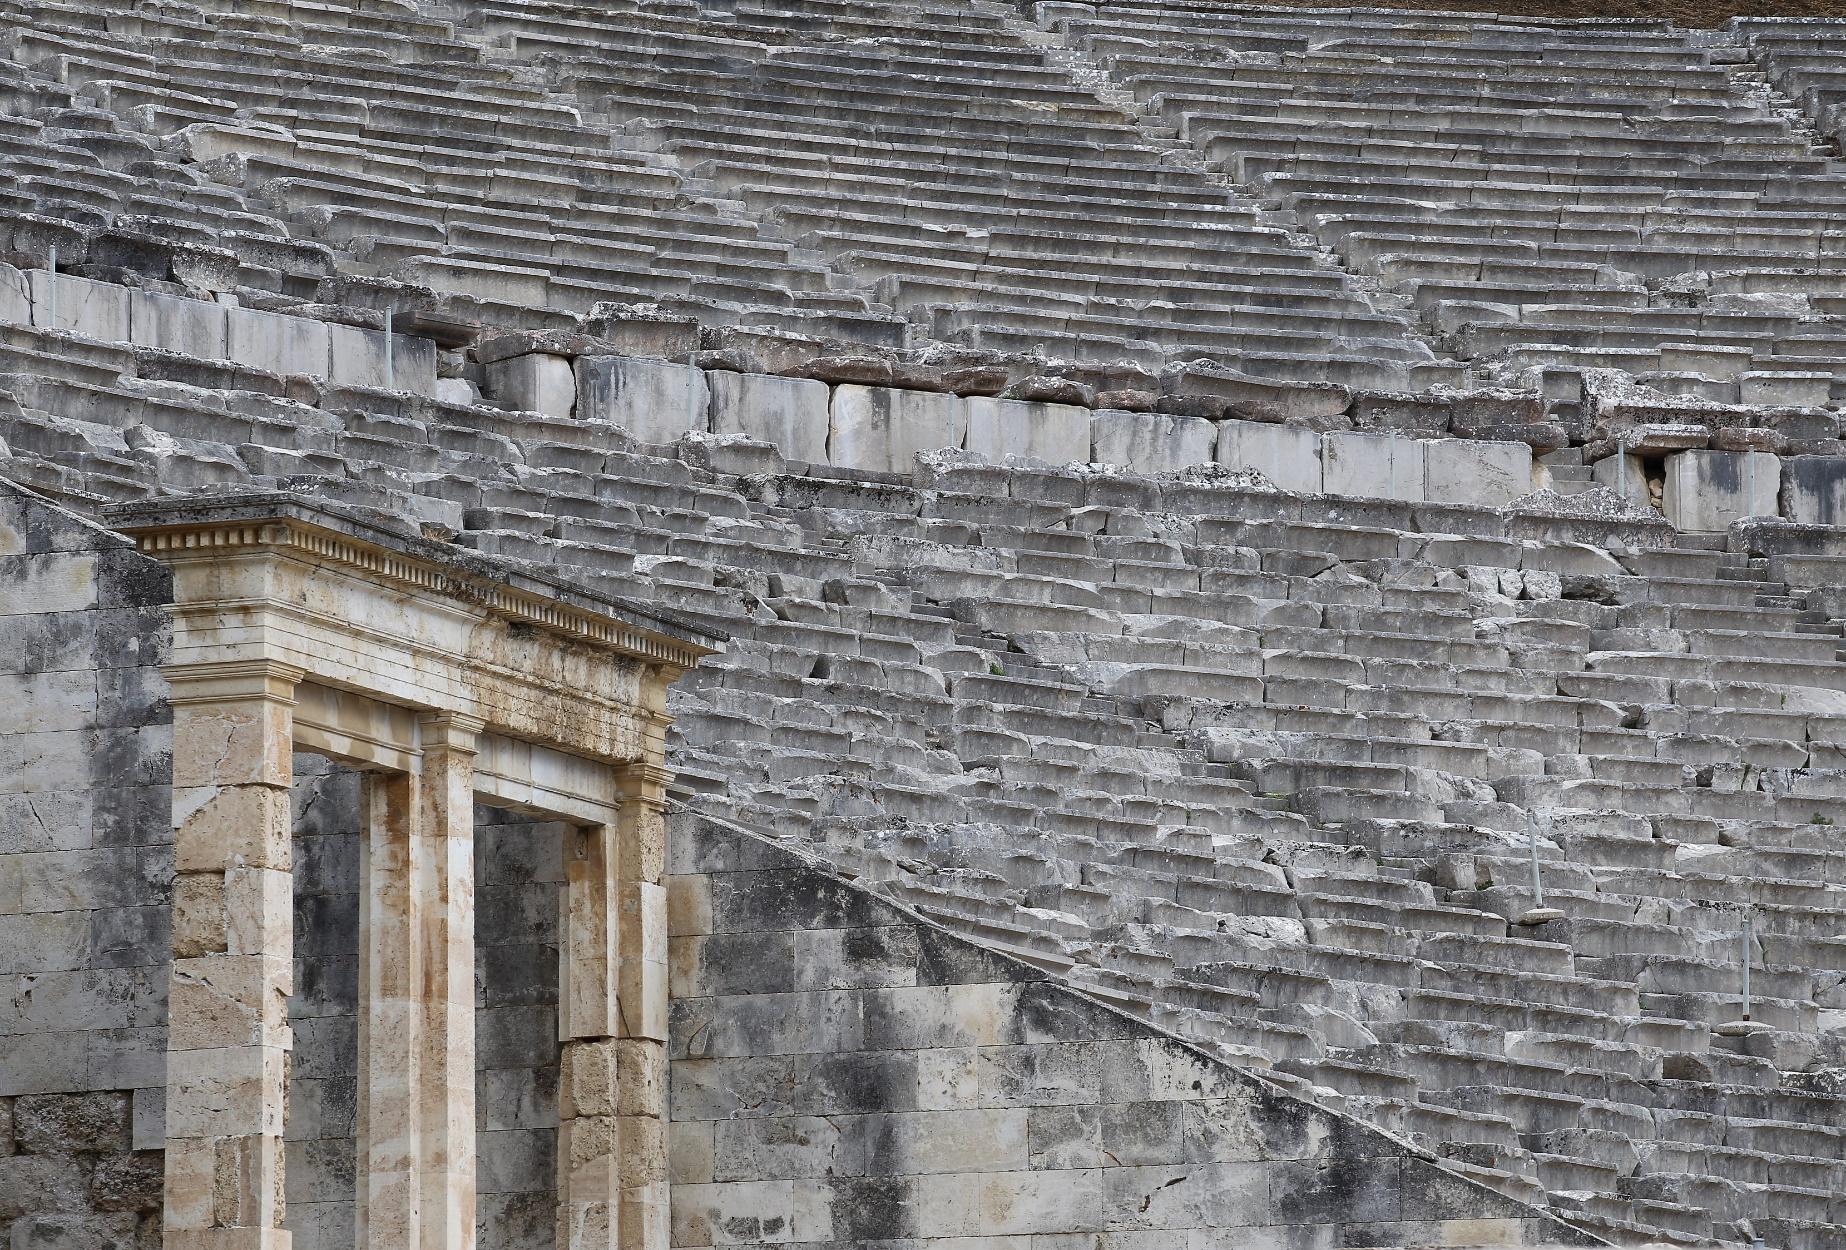 Εθνικό Θέατρο στο Αρχαίο Θέατρο Επιδαύρου με «Πέρσες» του Αισχύλου